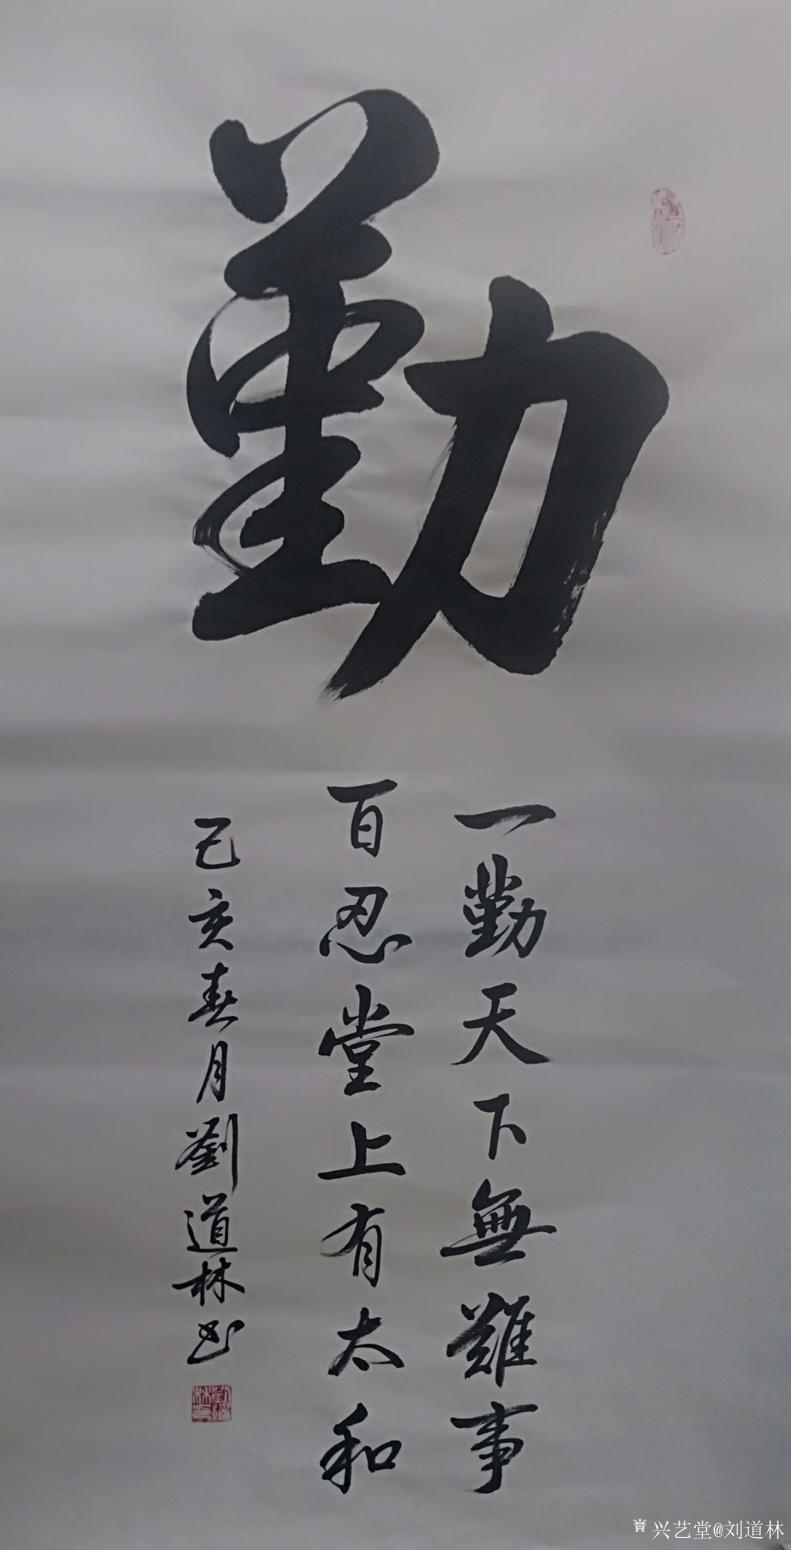 刘道林书法作品《勤》【图0】